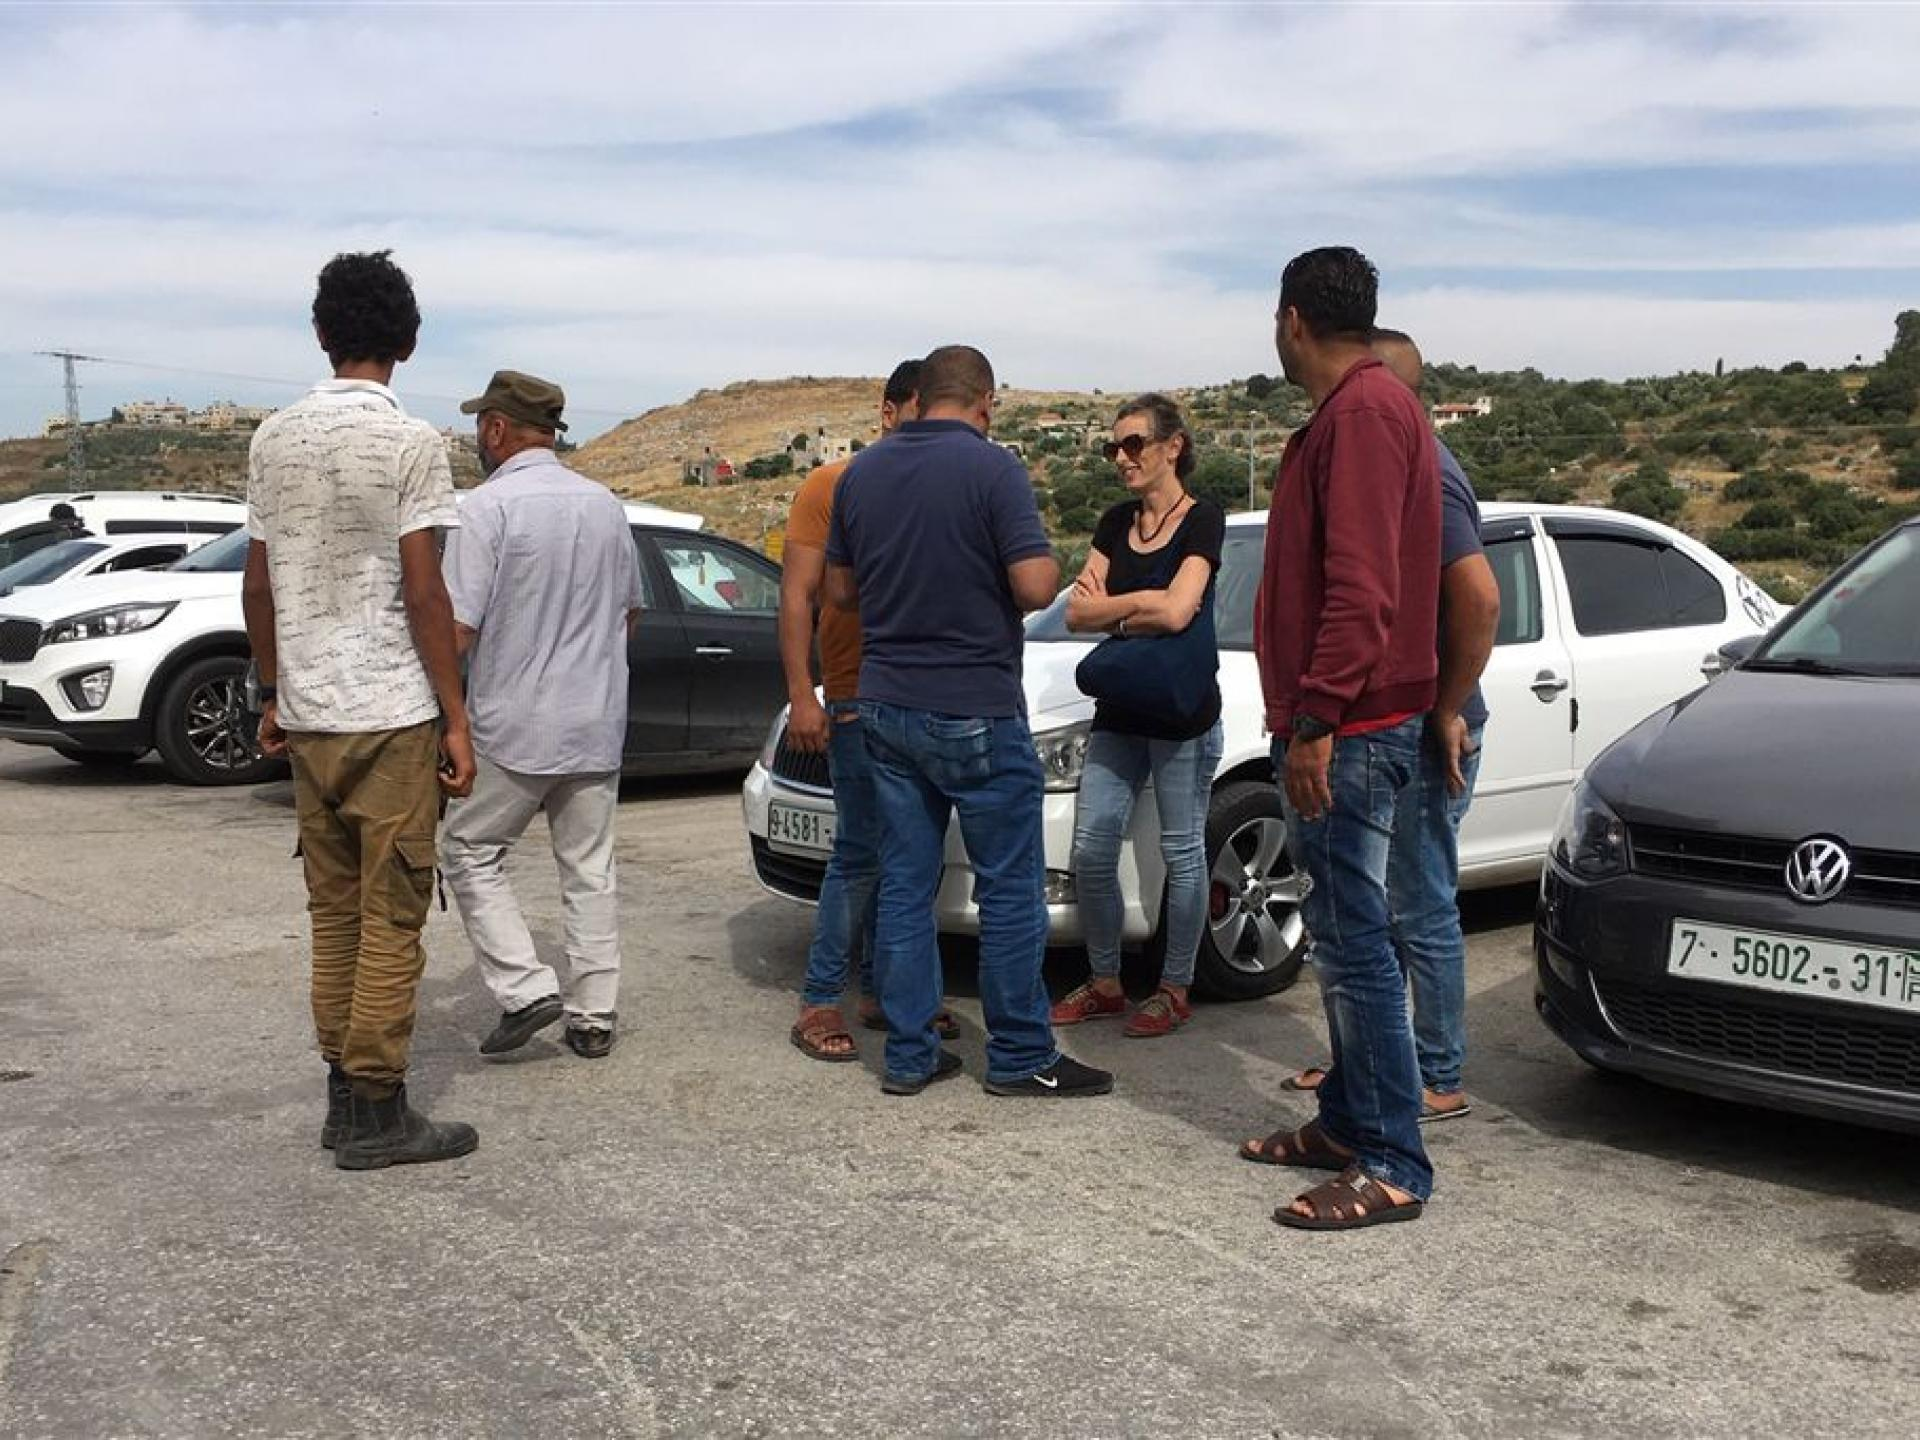 אישה באזור חניית מכוניות משוחחת עם מספר גברים